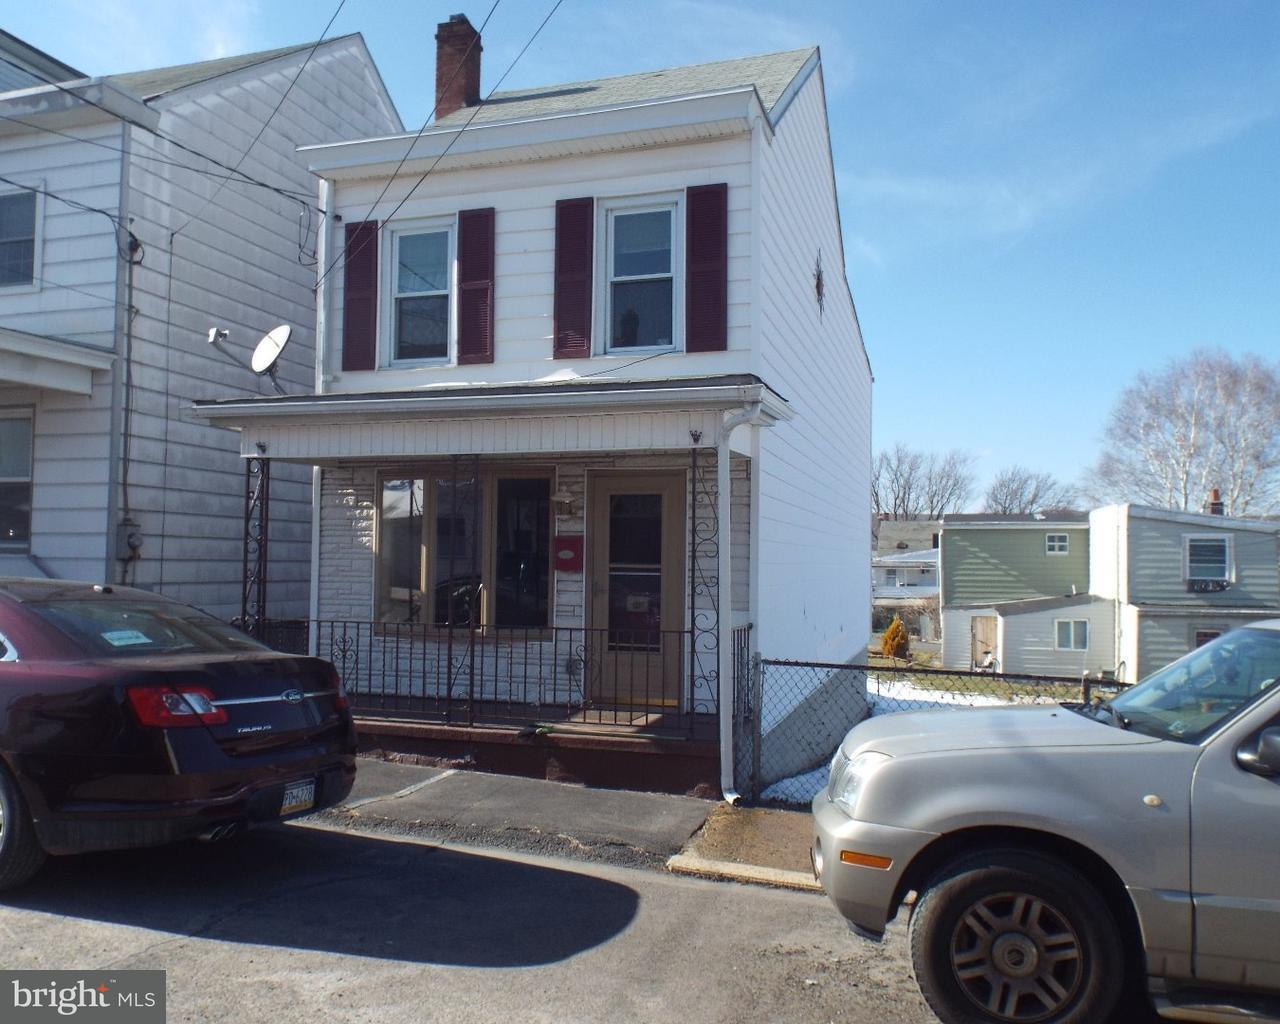 独户住宅 为 销售 在 412 POTTSVILLE Street Minersville, 宾夕法尼亚州 17954 美国